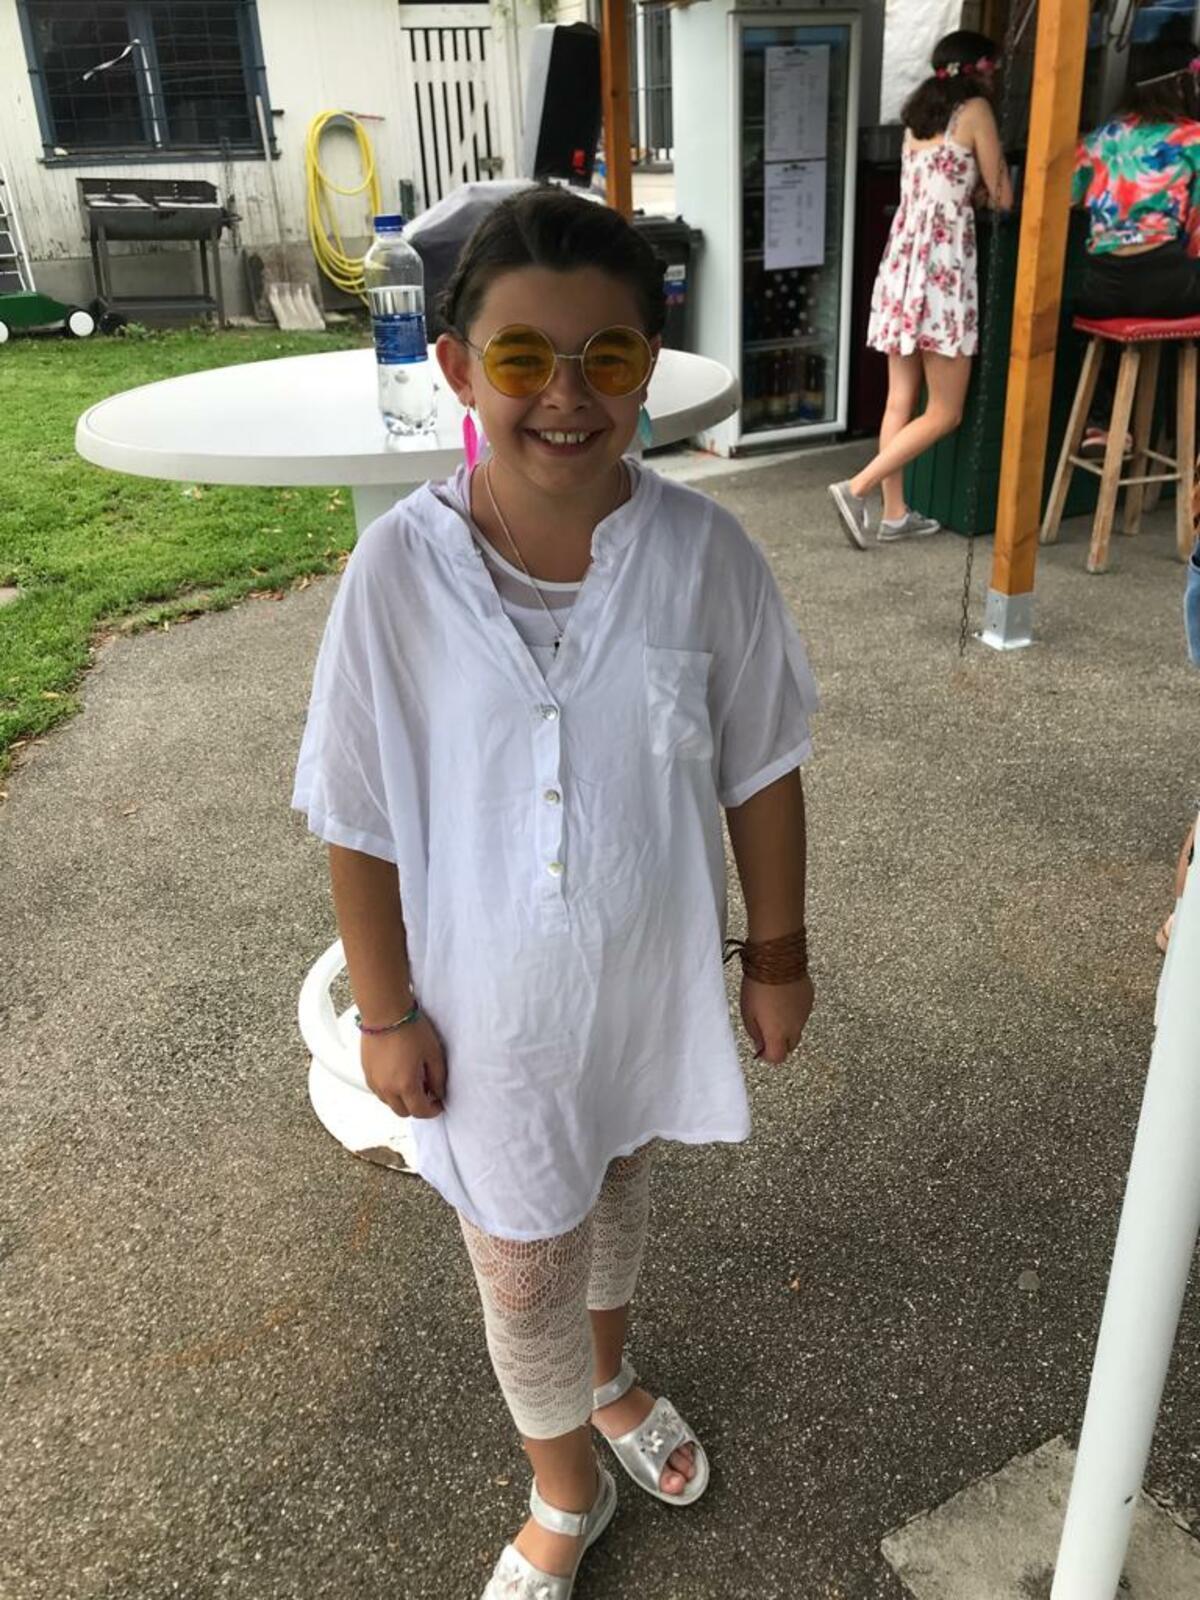 Fasnachtsclique die Antygge | Familientag Jubiläumsjahr 2020